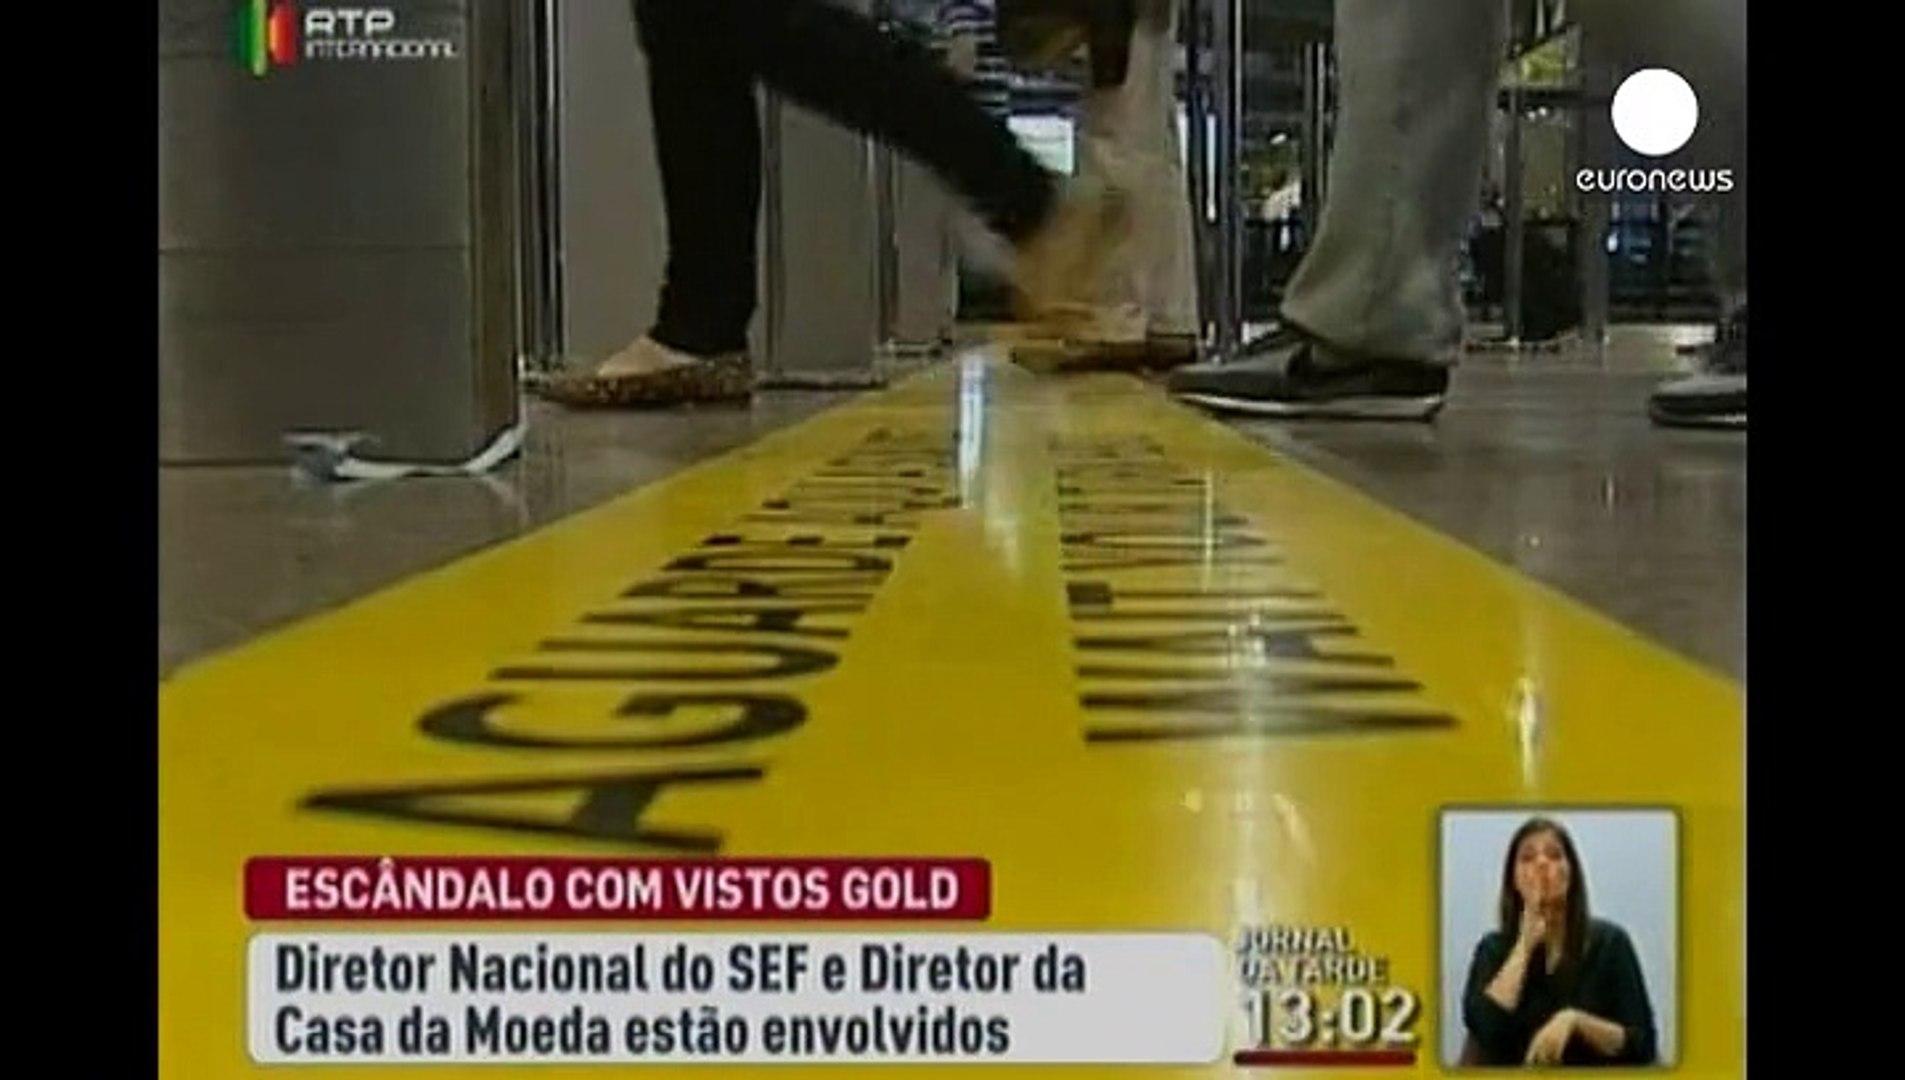 Глава МВД Португалии подал в отставку из-за скандала о «золотых визах»